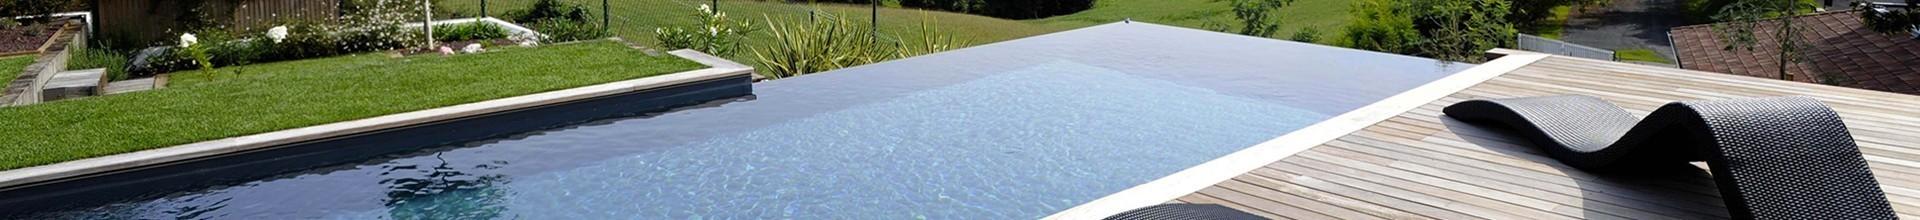 Corse, piscine sportive avec un équipement sophistiqué